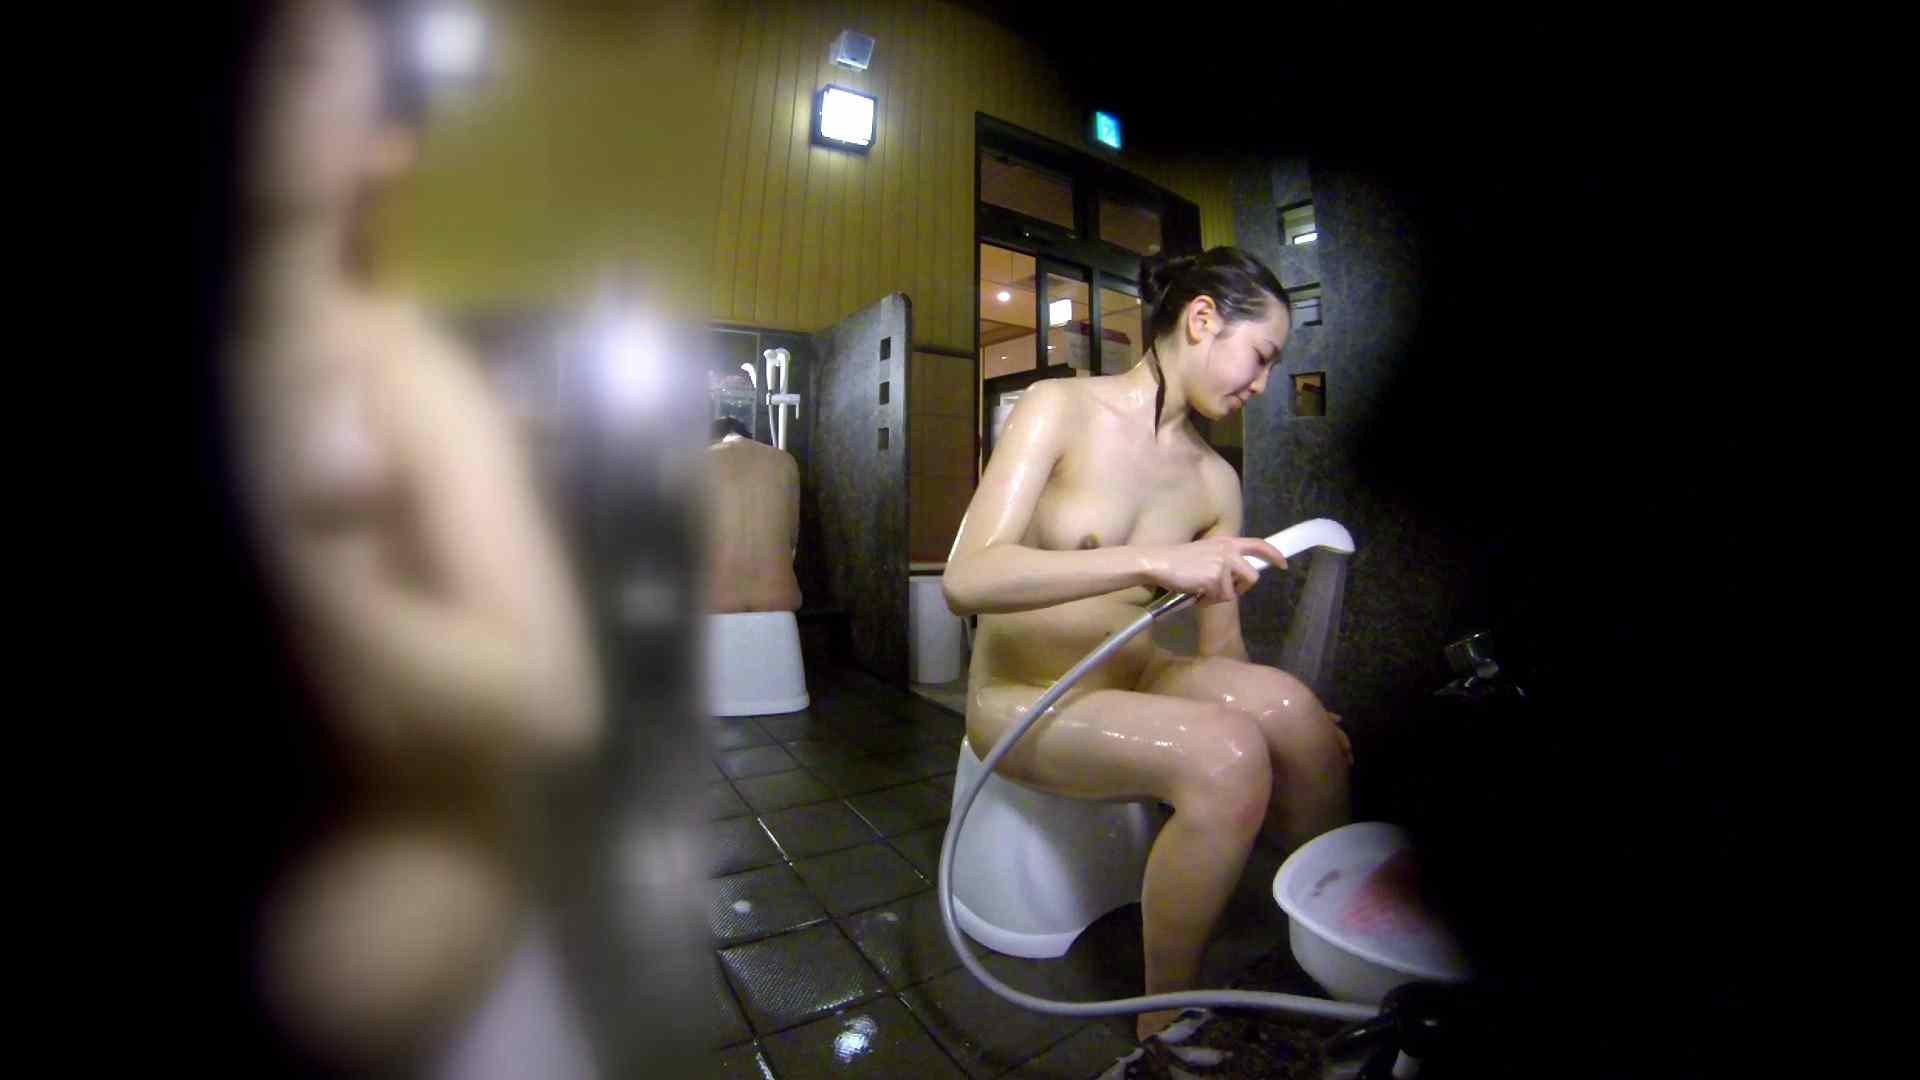 洗い場!チラチラ見てくる理想のボディの清楚さん 女湯のぞき エロ画像 79枚 59